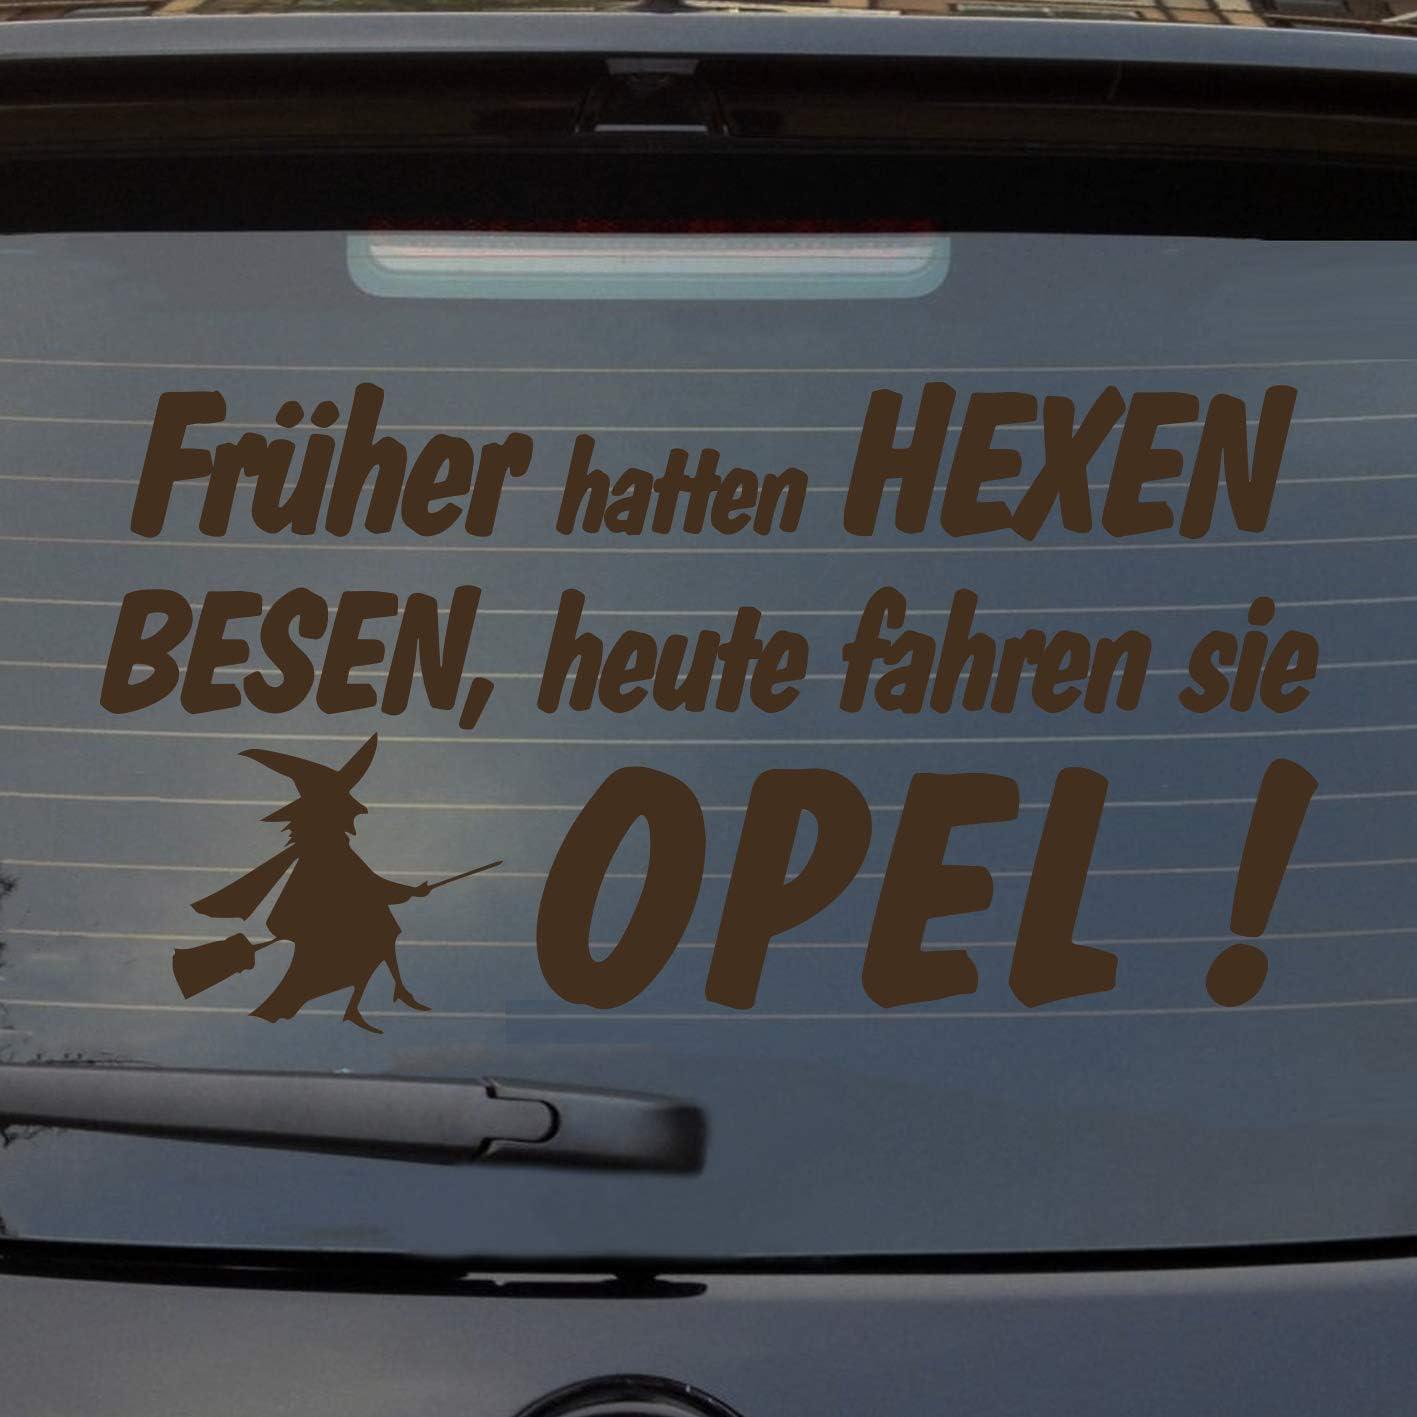 Auto Aufkleber Früher Hexen Besen Heute Fahren Sie Opel Heckscheibe Sticker Auto